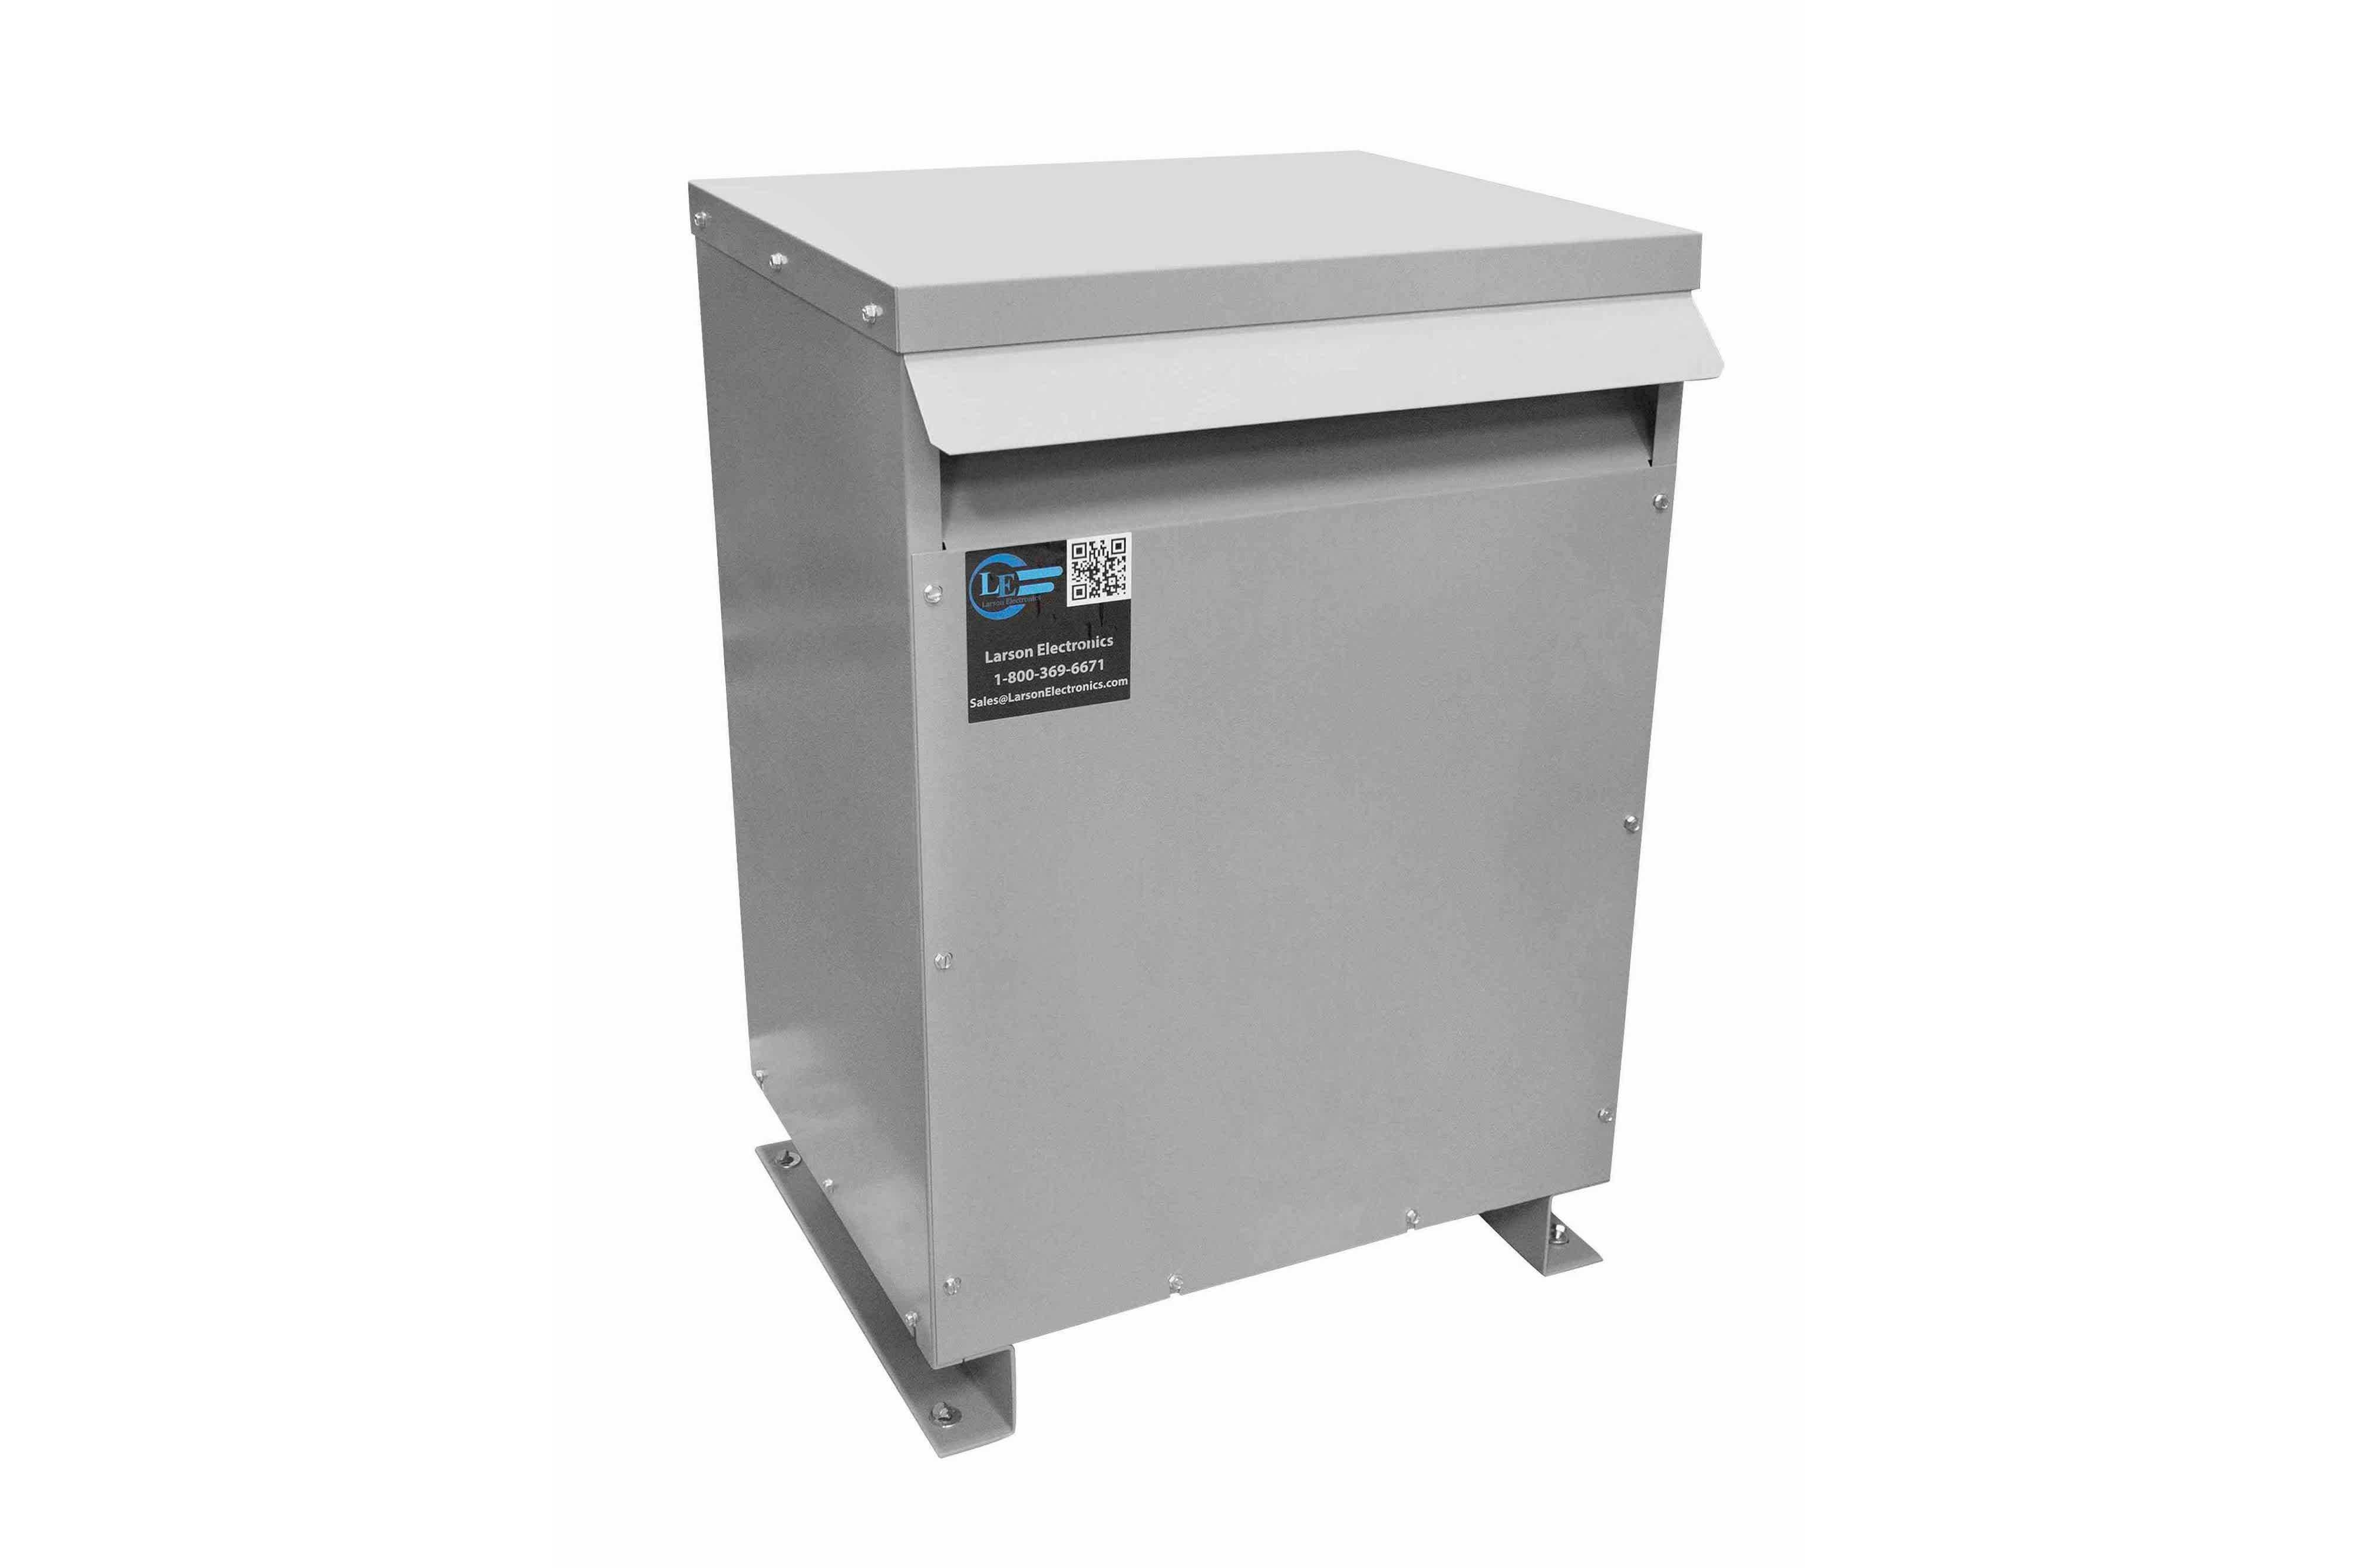 500 kVA 3PH Isolation Transformer, 460V Delta Primary, 208V Delta Secondary, N3R, Ventilated, 60 Hz